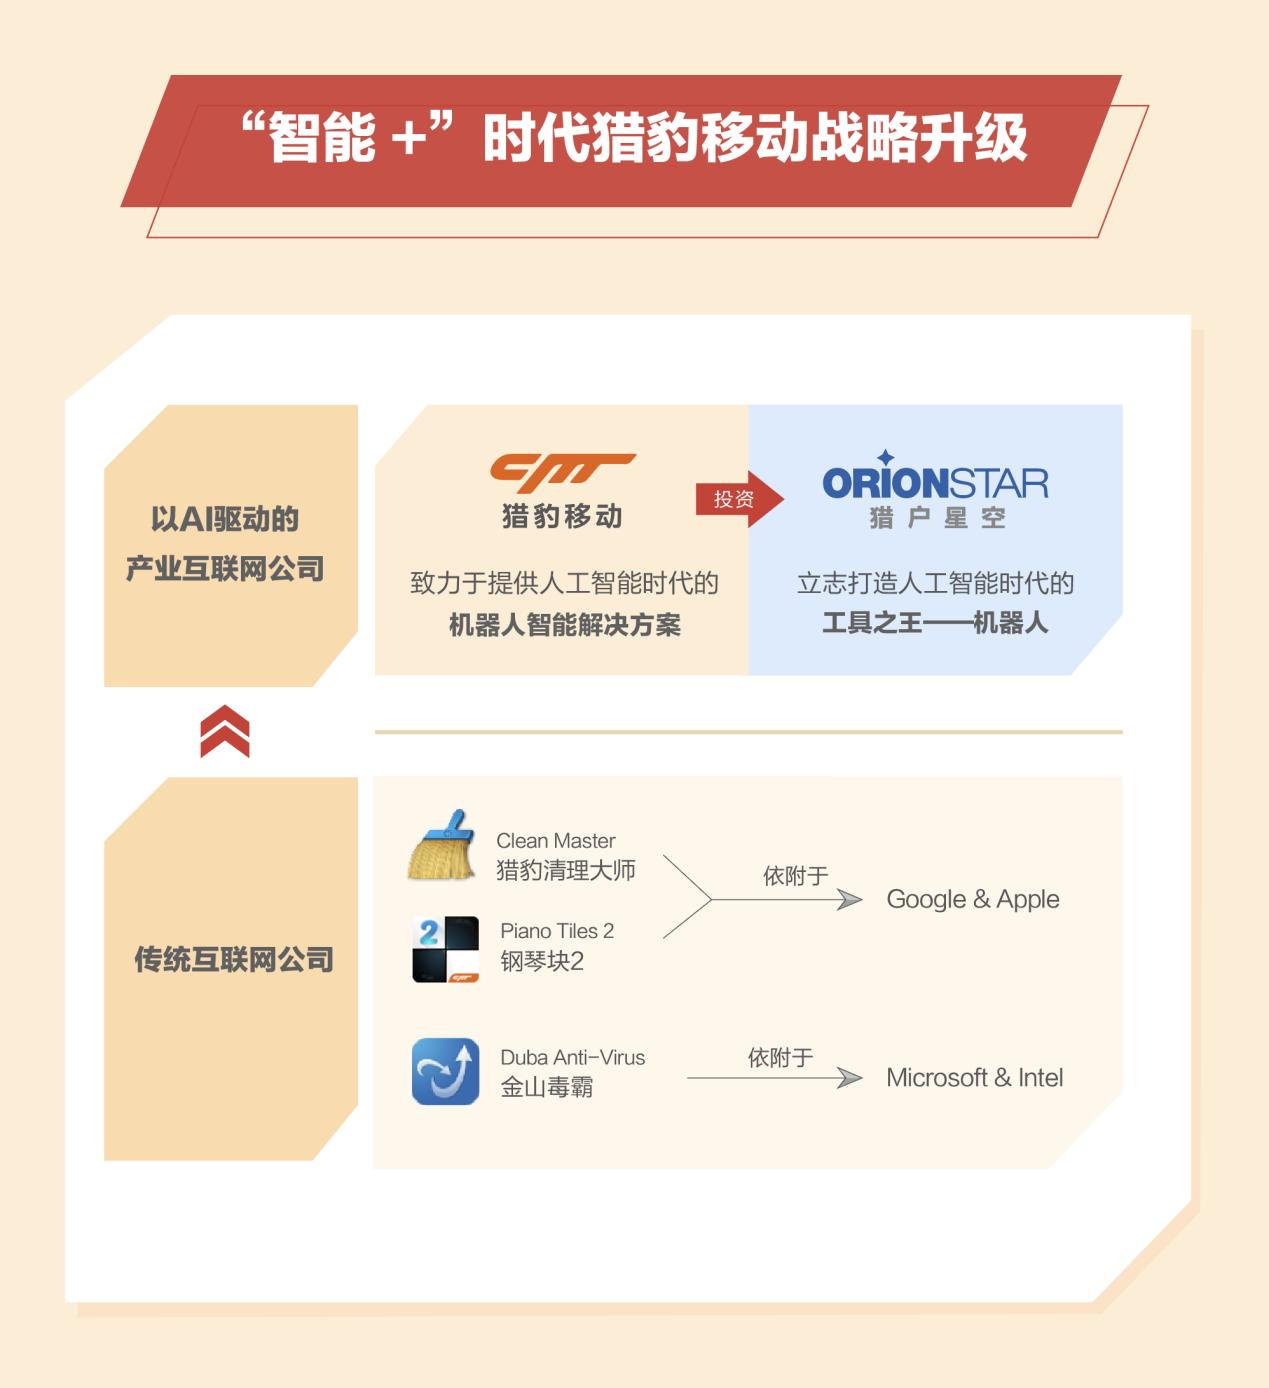 猎豹移动2018总营收50亿 净利润13亿 战略转型AI产业互联网公司